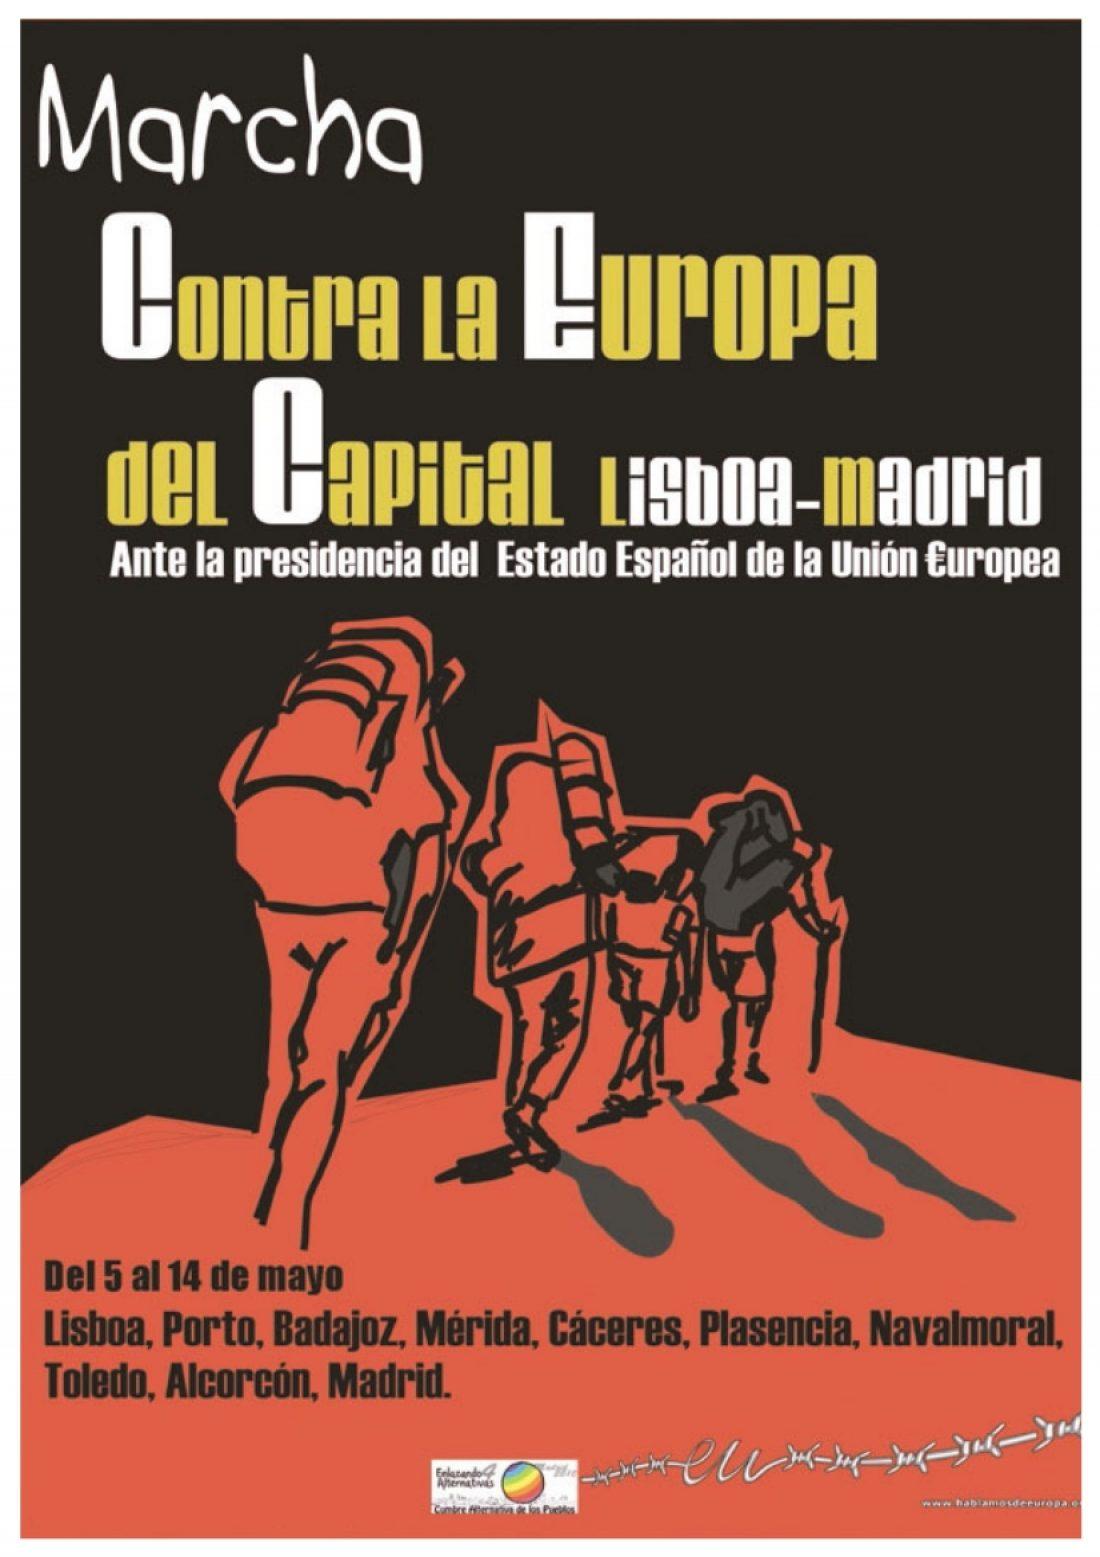 La Marcha Lisboa-Madrid inició su recorrido